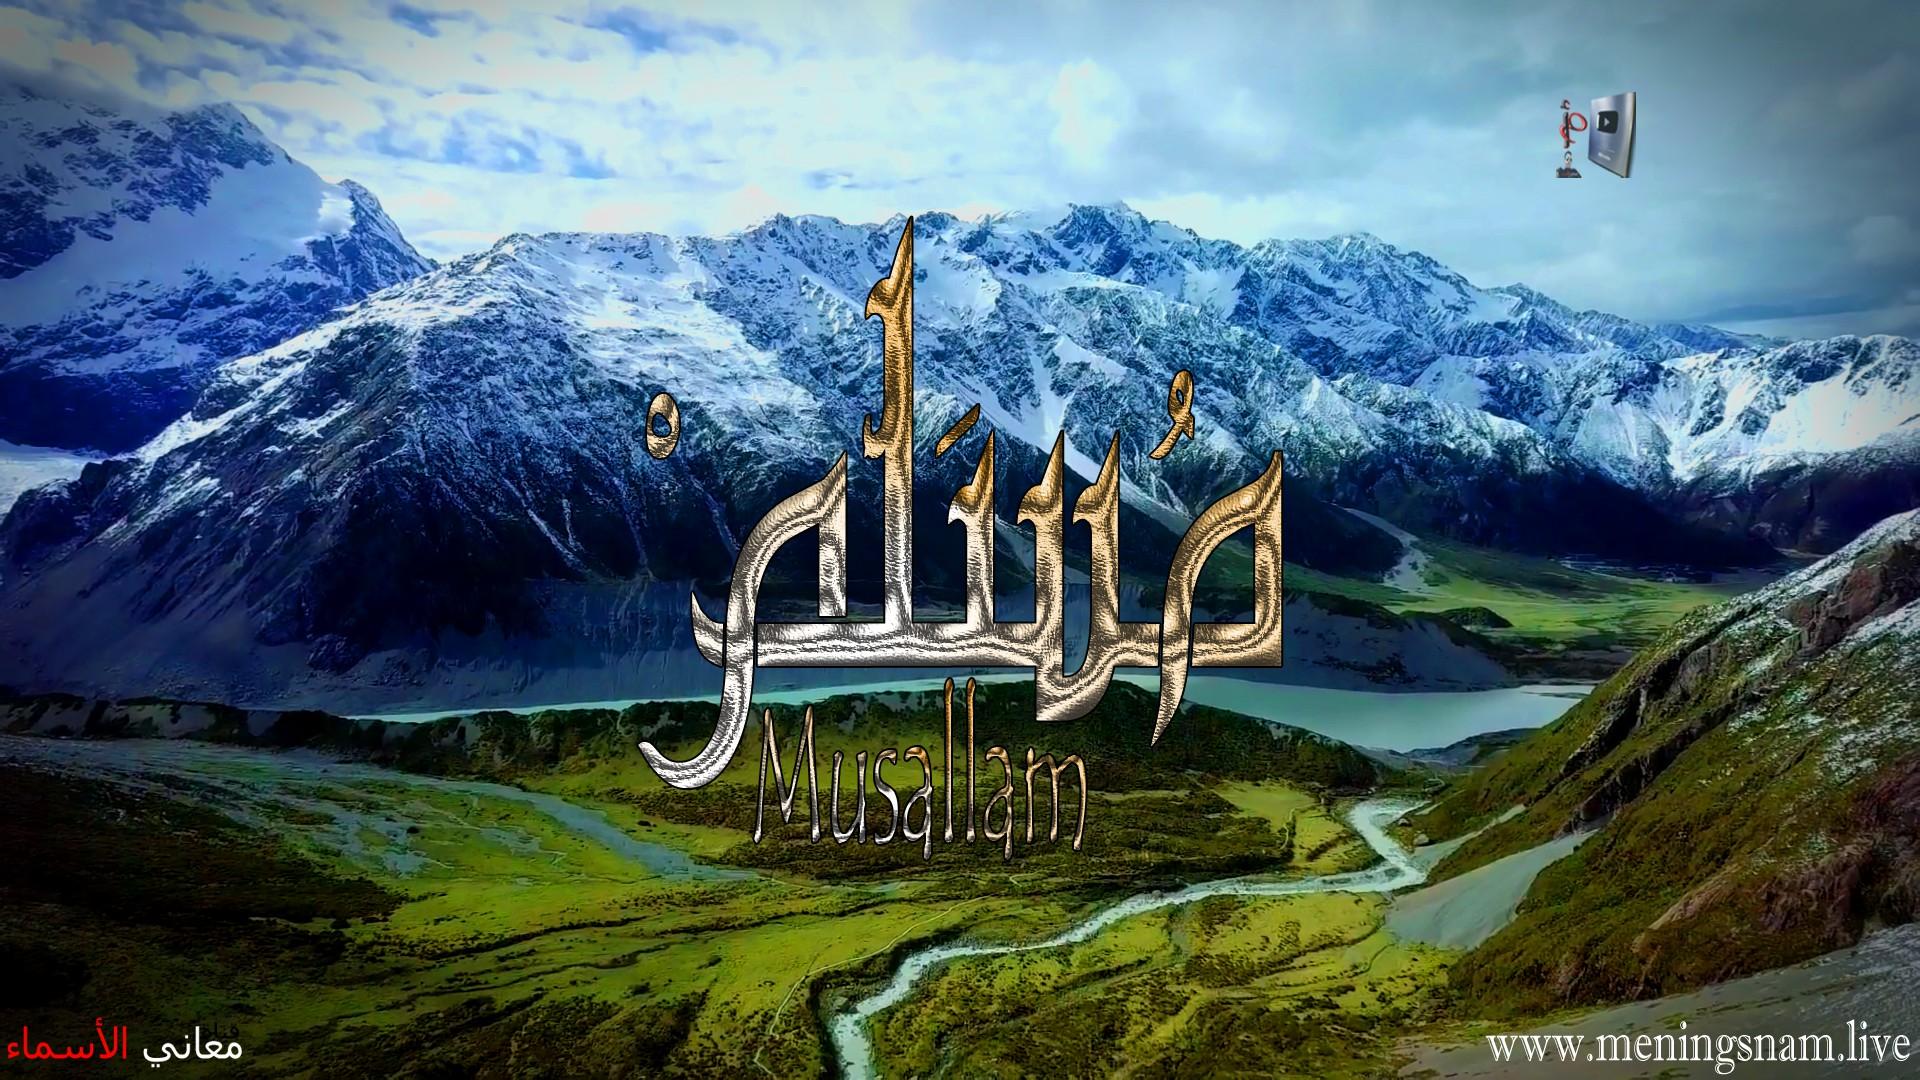 معنى اسم مسلم وصفات حامل هذا الاسم Mosallam